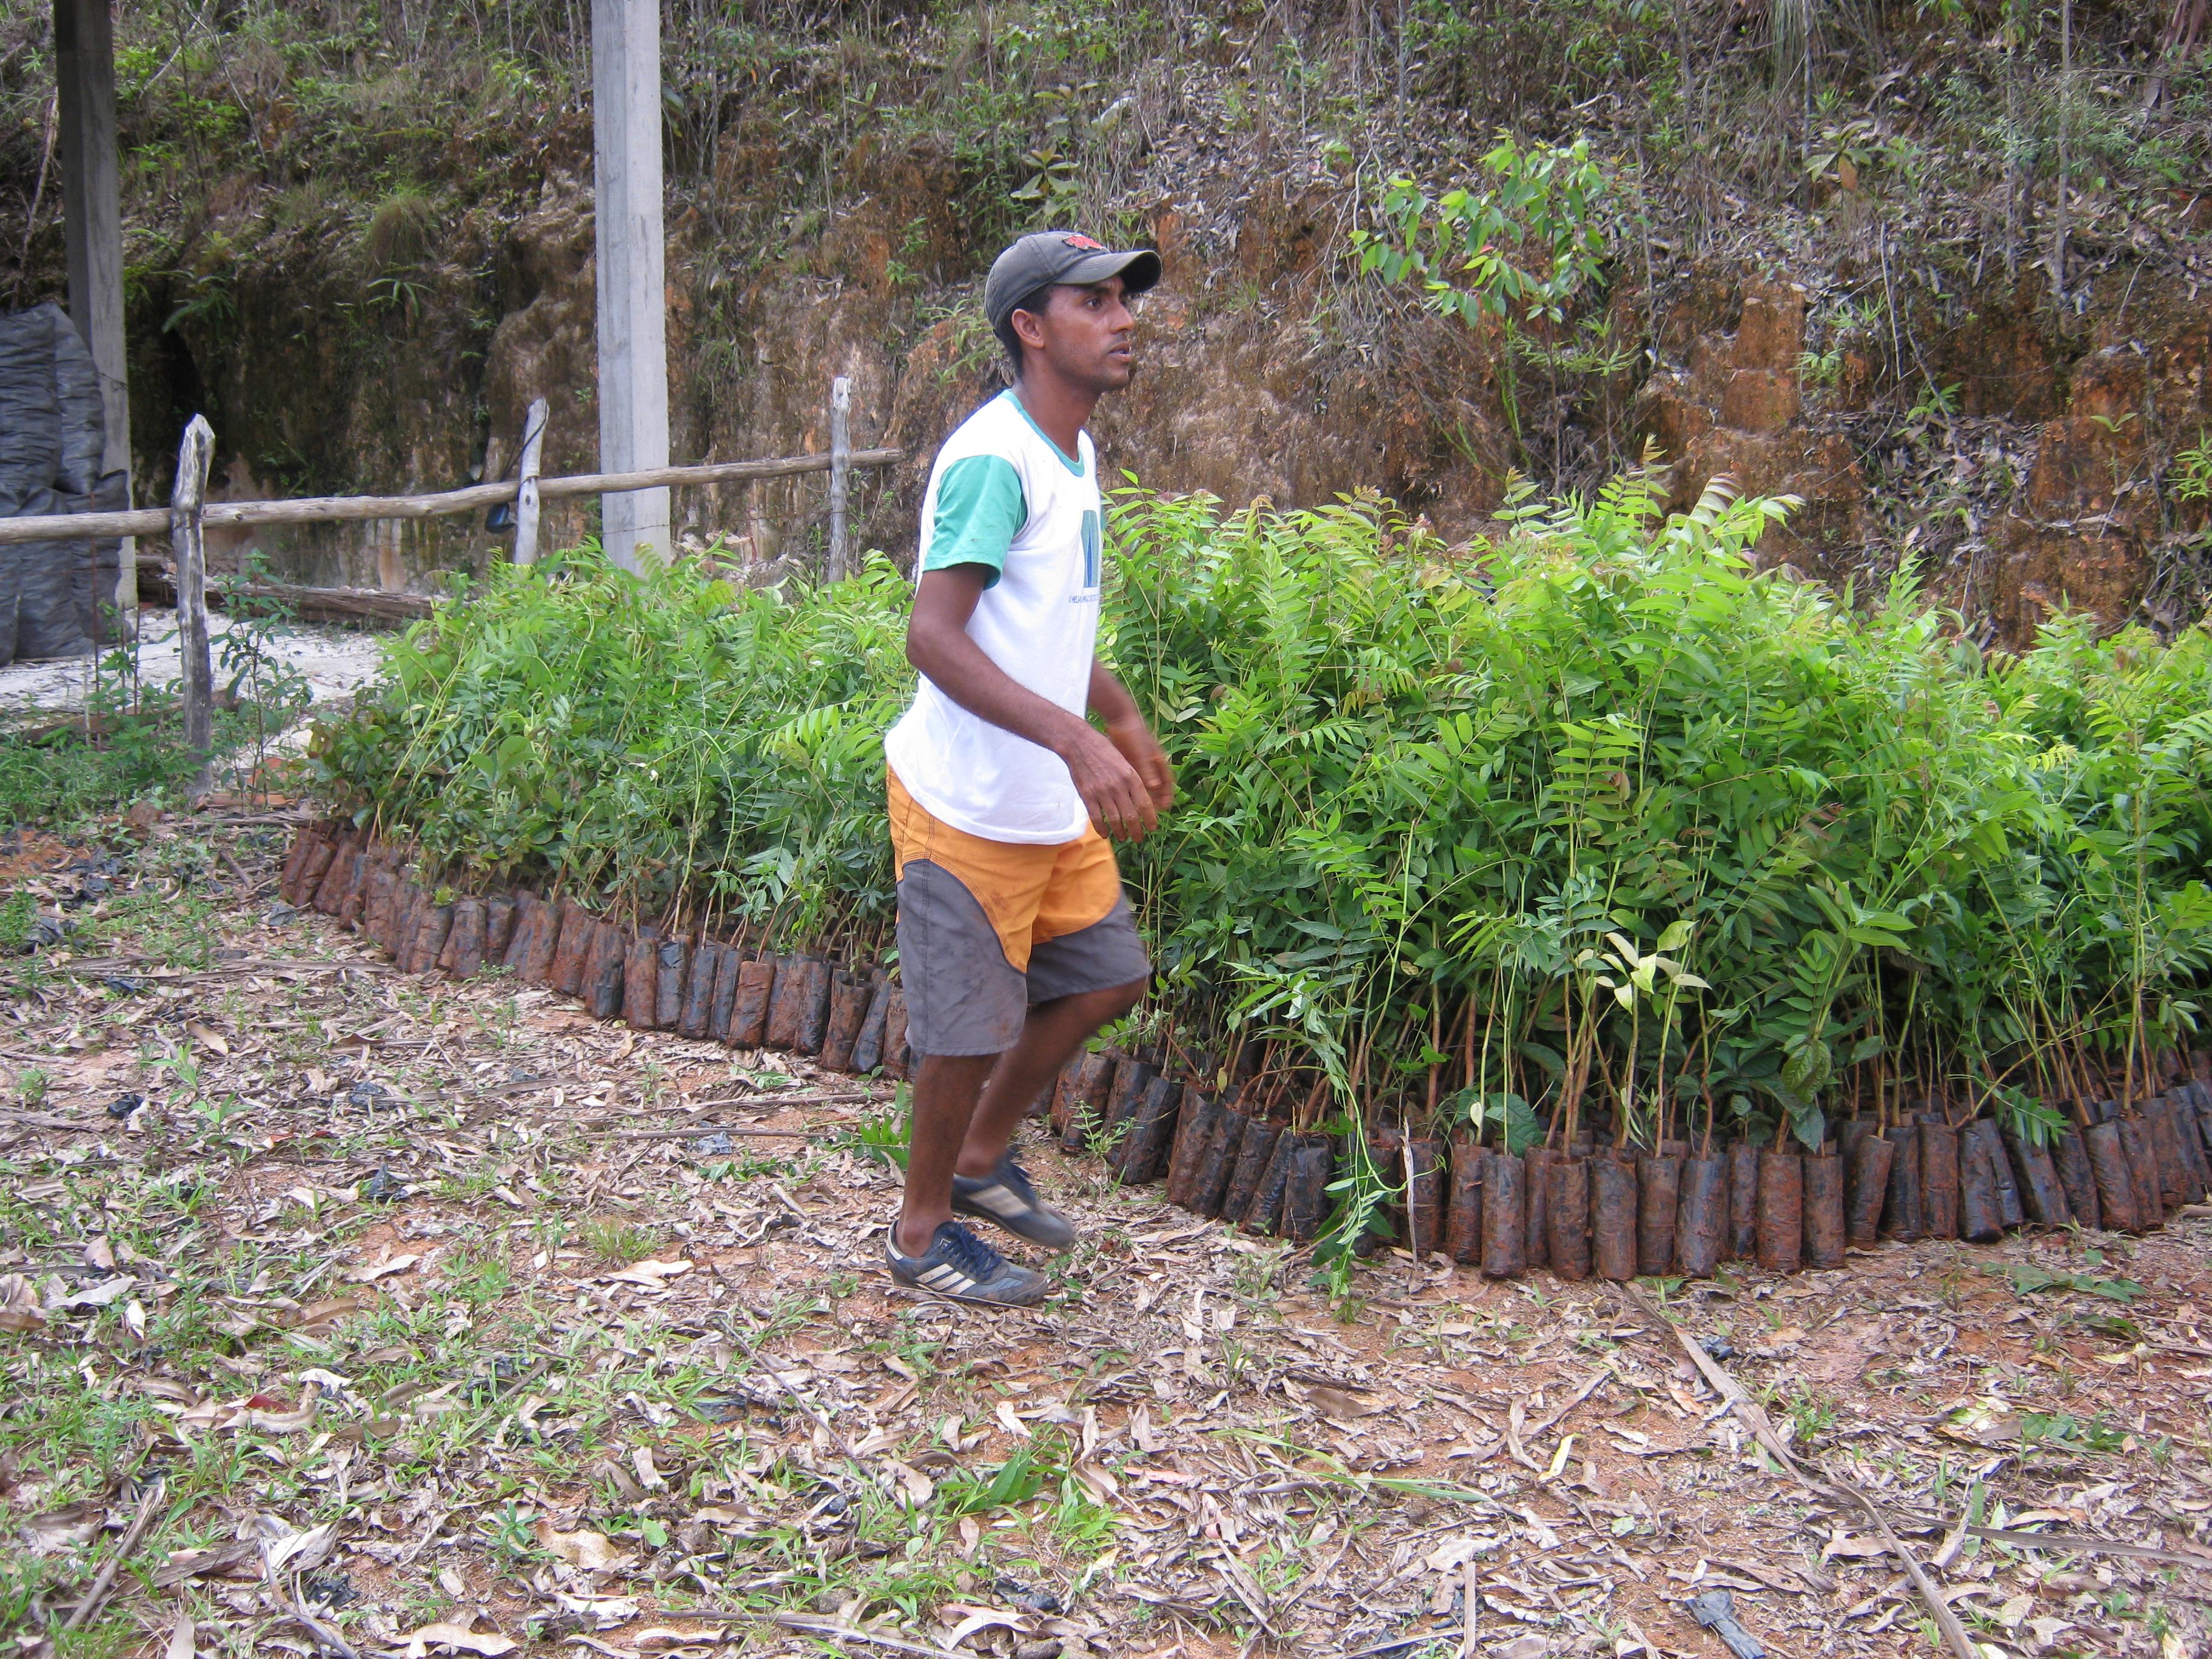 Entrega de mudas para reflorestamento. Foto: AMA LAPINHA